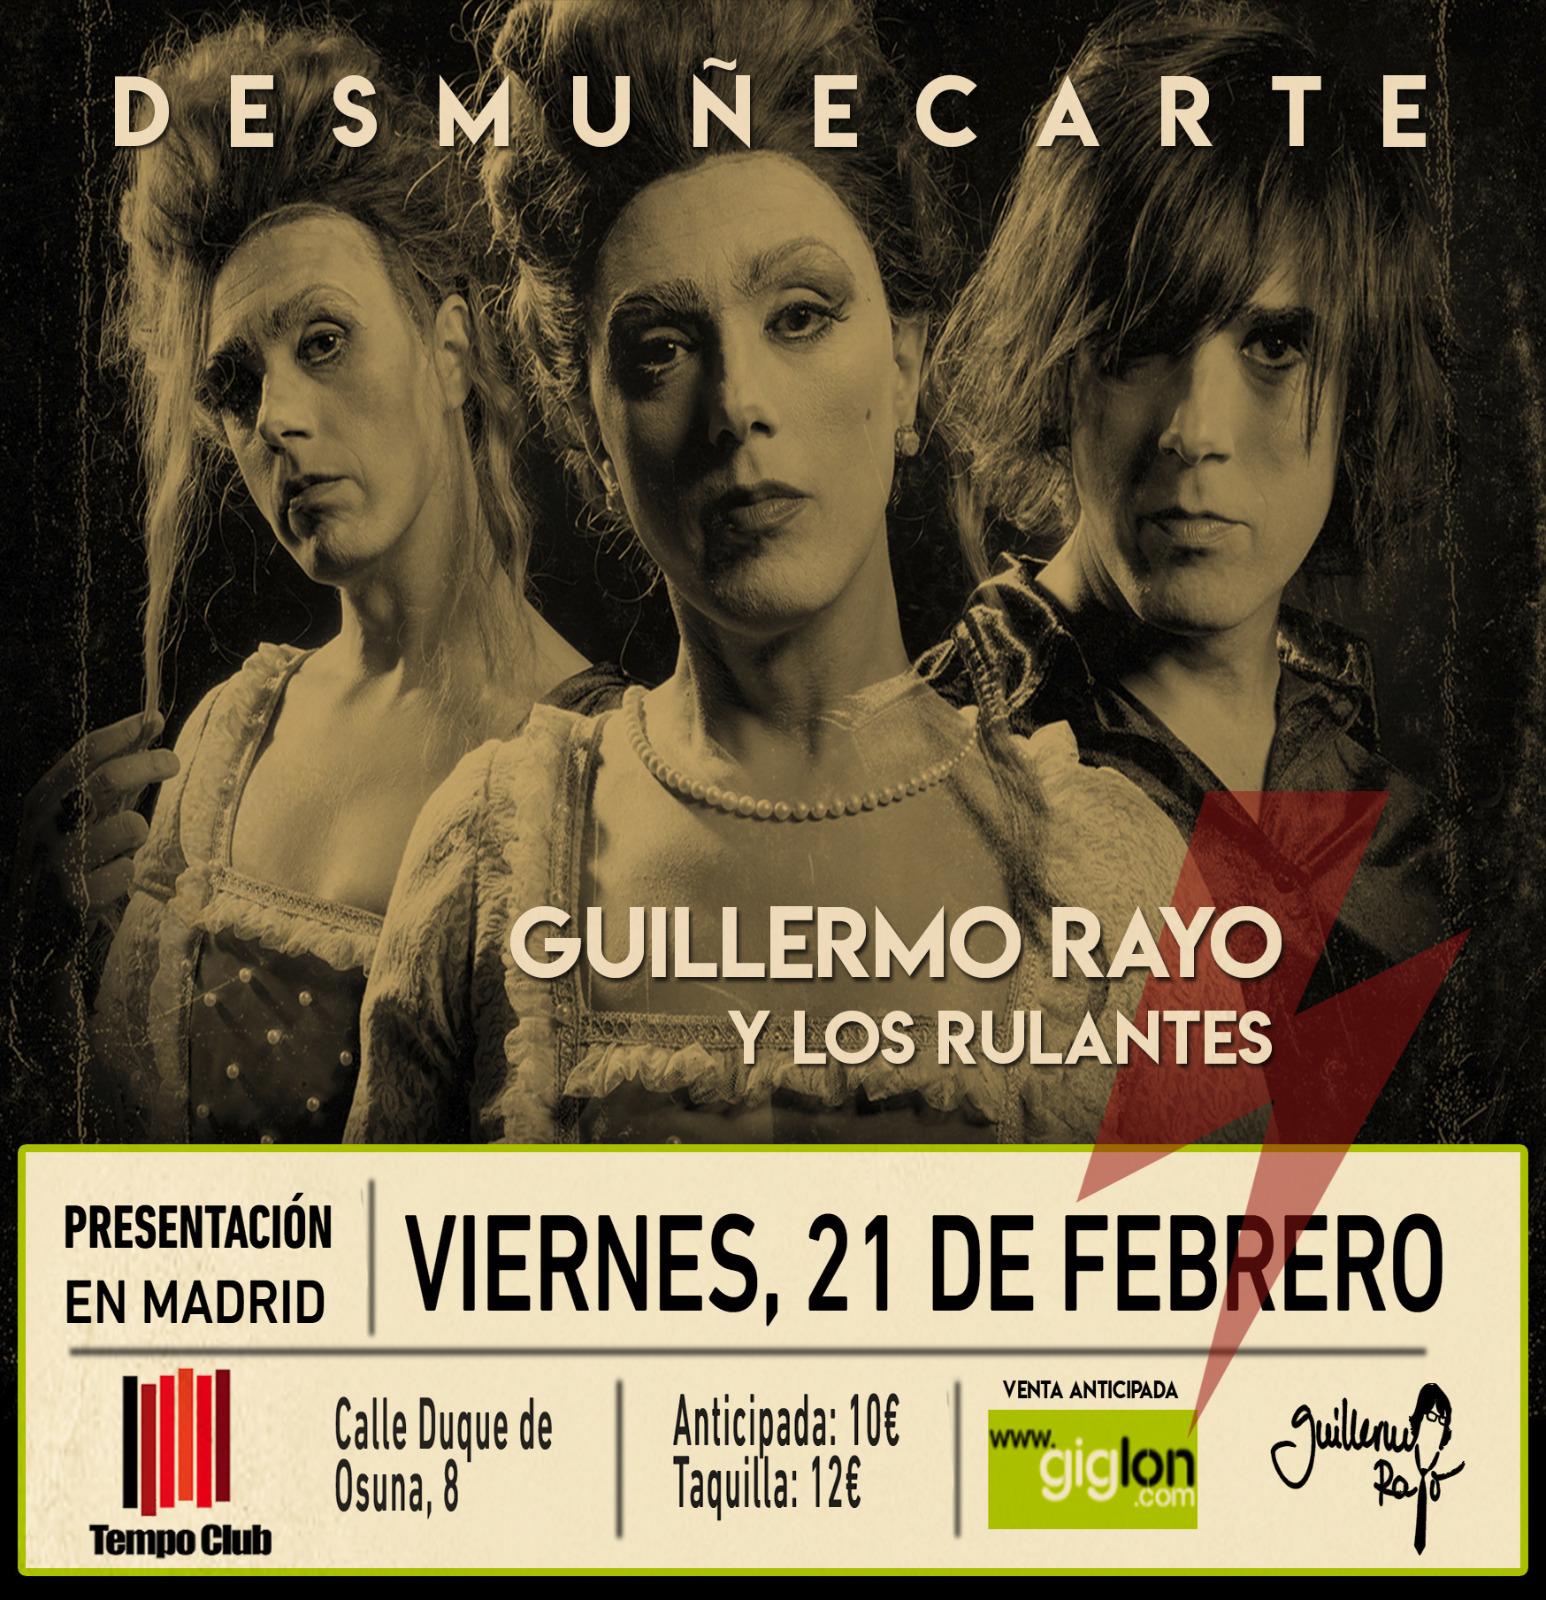 Guillermo Rayo presenta en Madrid 'DesmuñecArte'